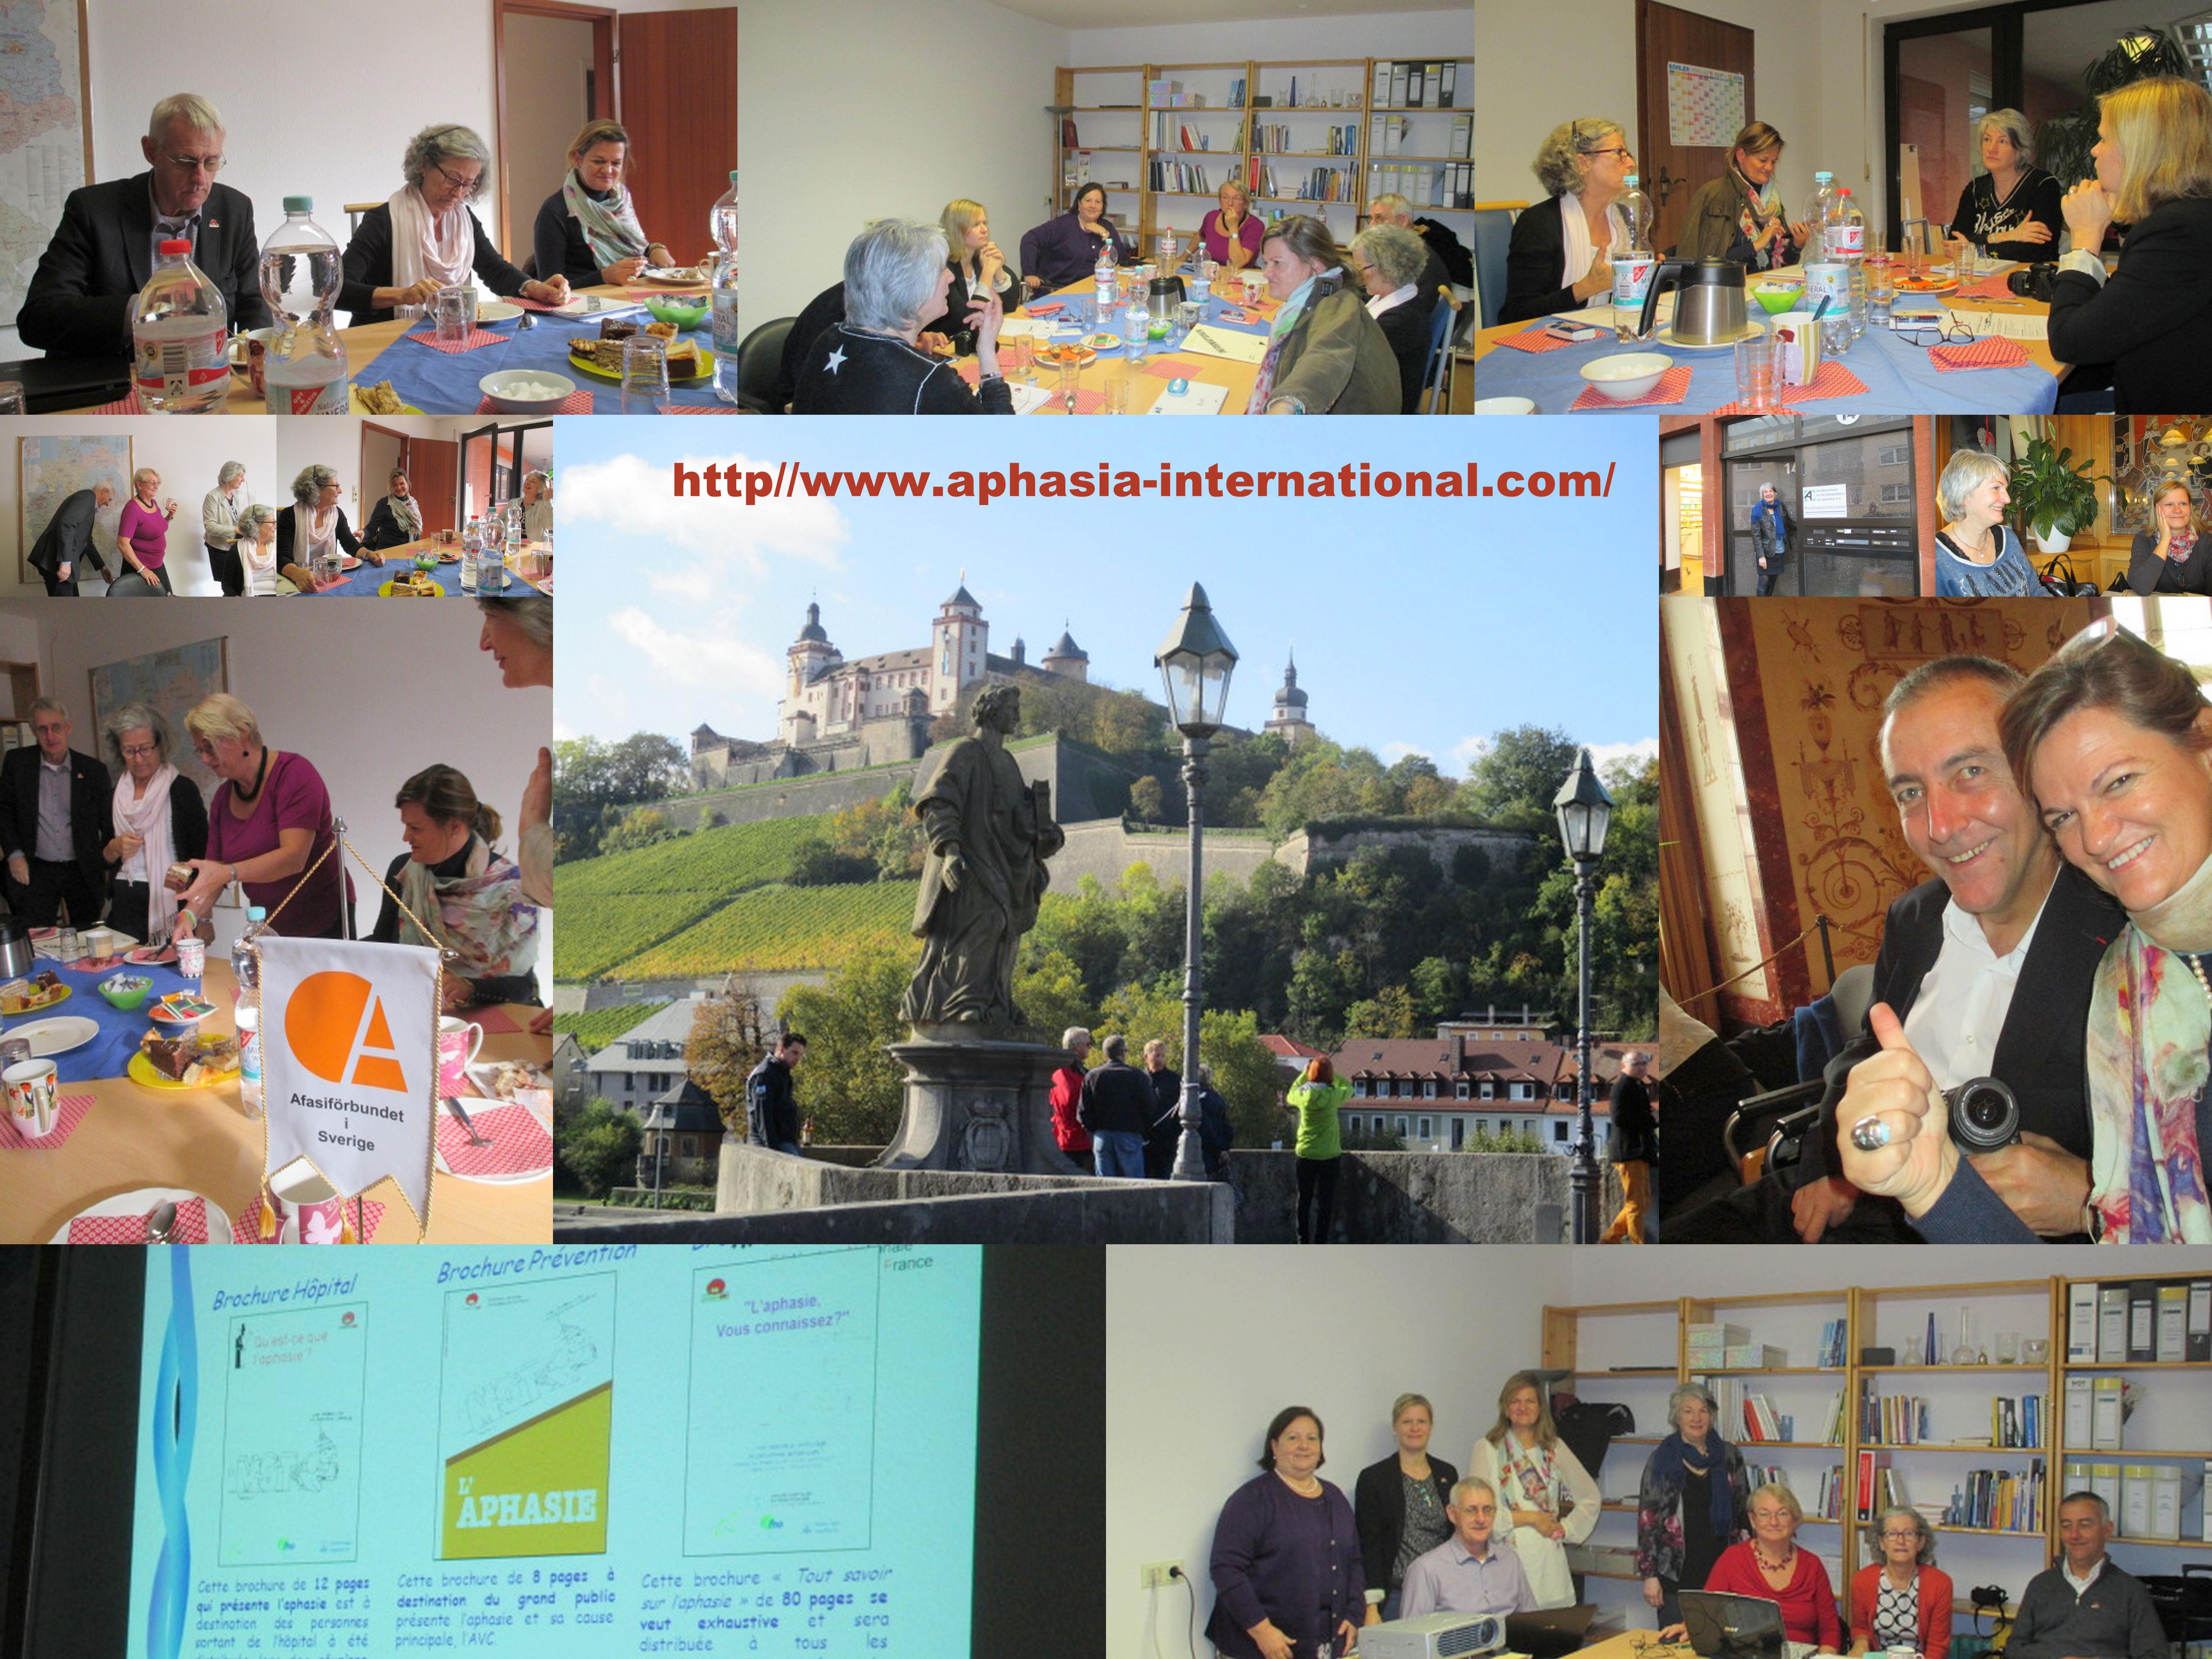 AIA – Nemzetközi Afázia Szövetség közgyűlés – Würzburg, Németország